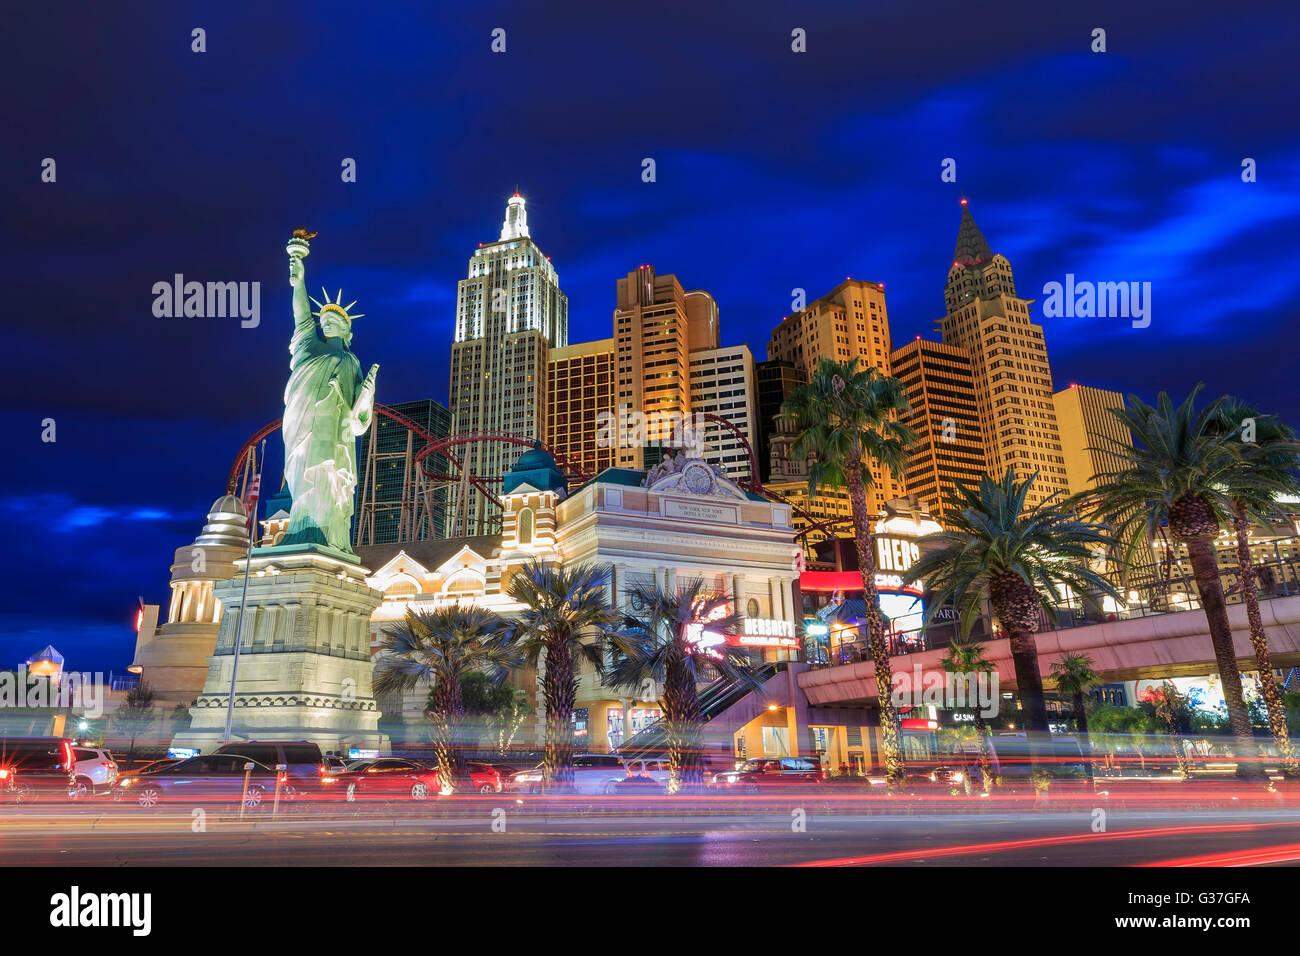 El 5 de agosto, Las Vegas: la ciudad de Nueva York New York Hotel & Casino el Aug 5, 2015 en Las Vegas, Nevada Foto de stock